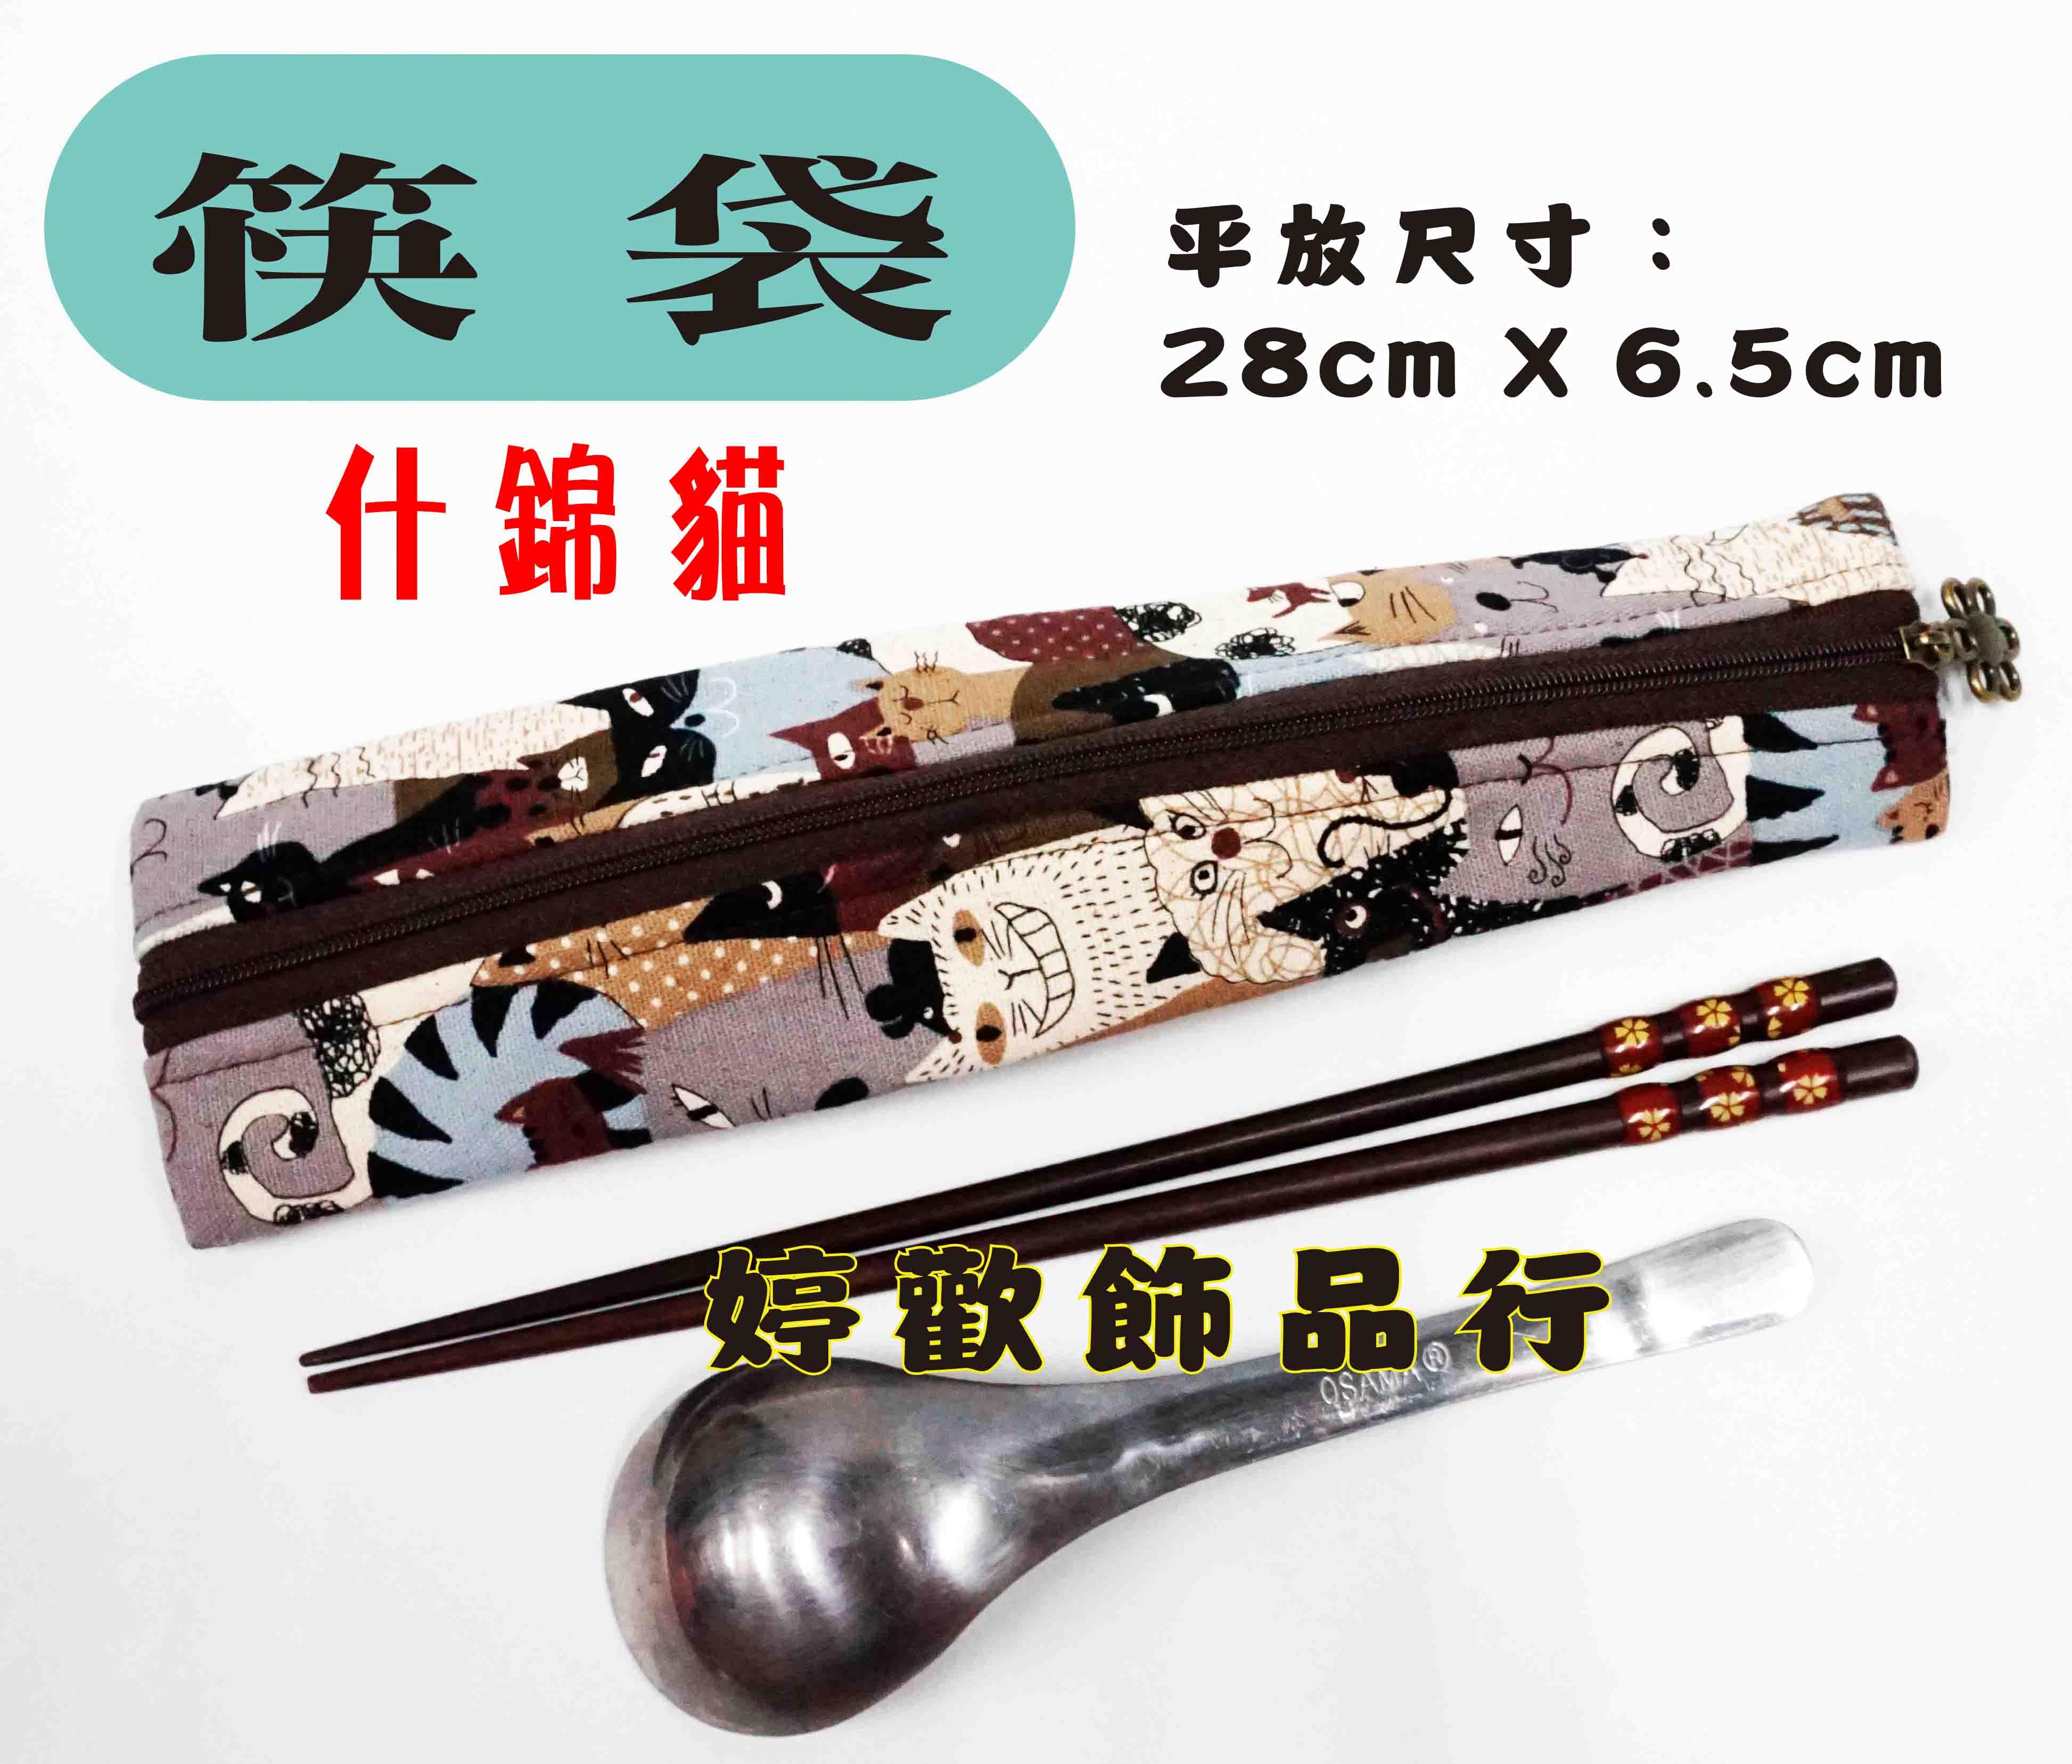 筷袋/牙刷袋/台灣製造/日本布料/時尚美觀/什錦貓